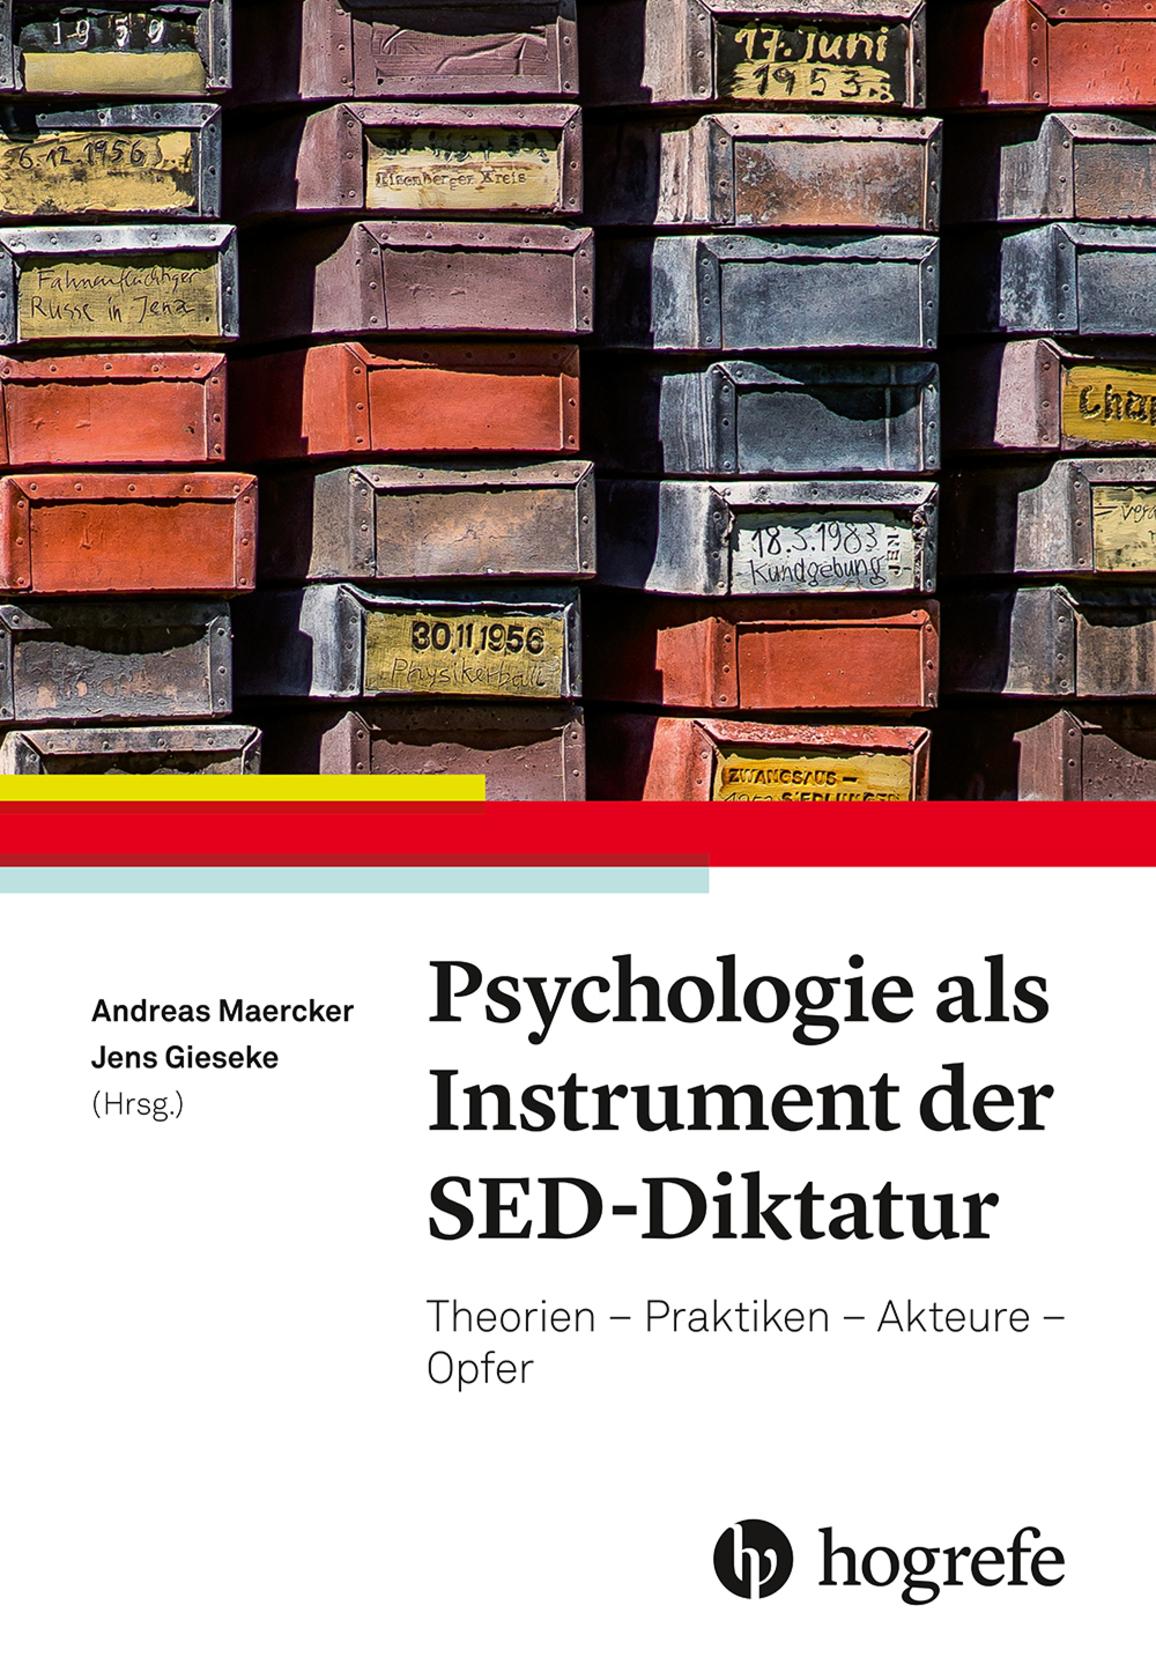 Psychologie als Instrument der SED-Diktatur